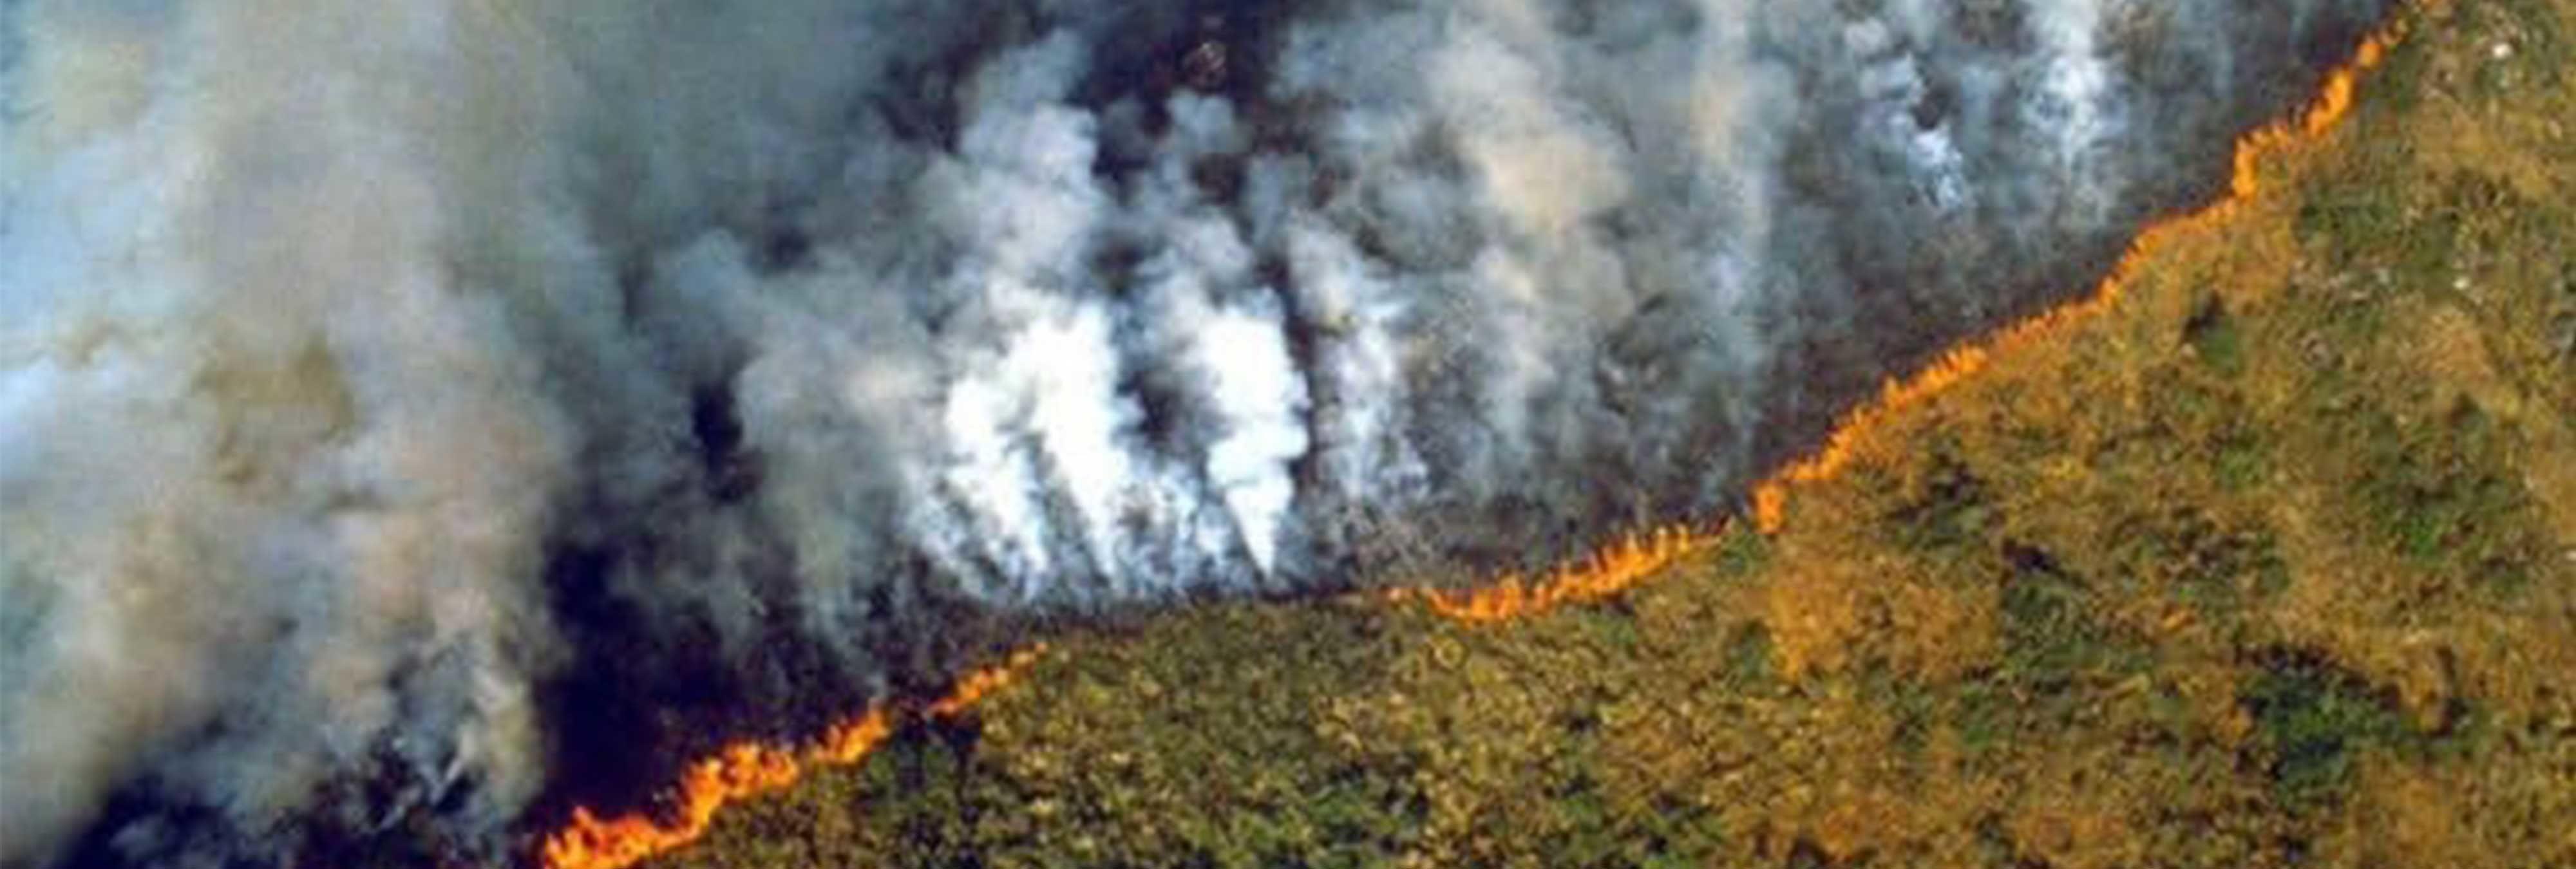 El Amazonas es devorado por las llamas: se quema el pulmón de la Tierra